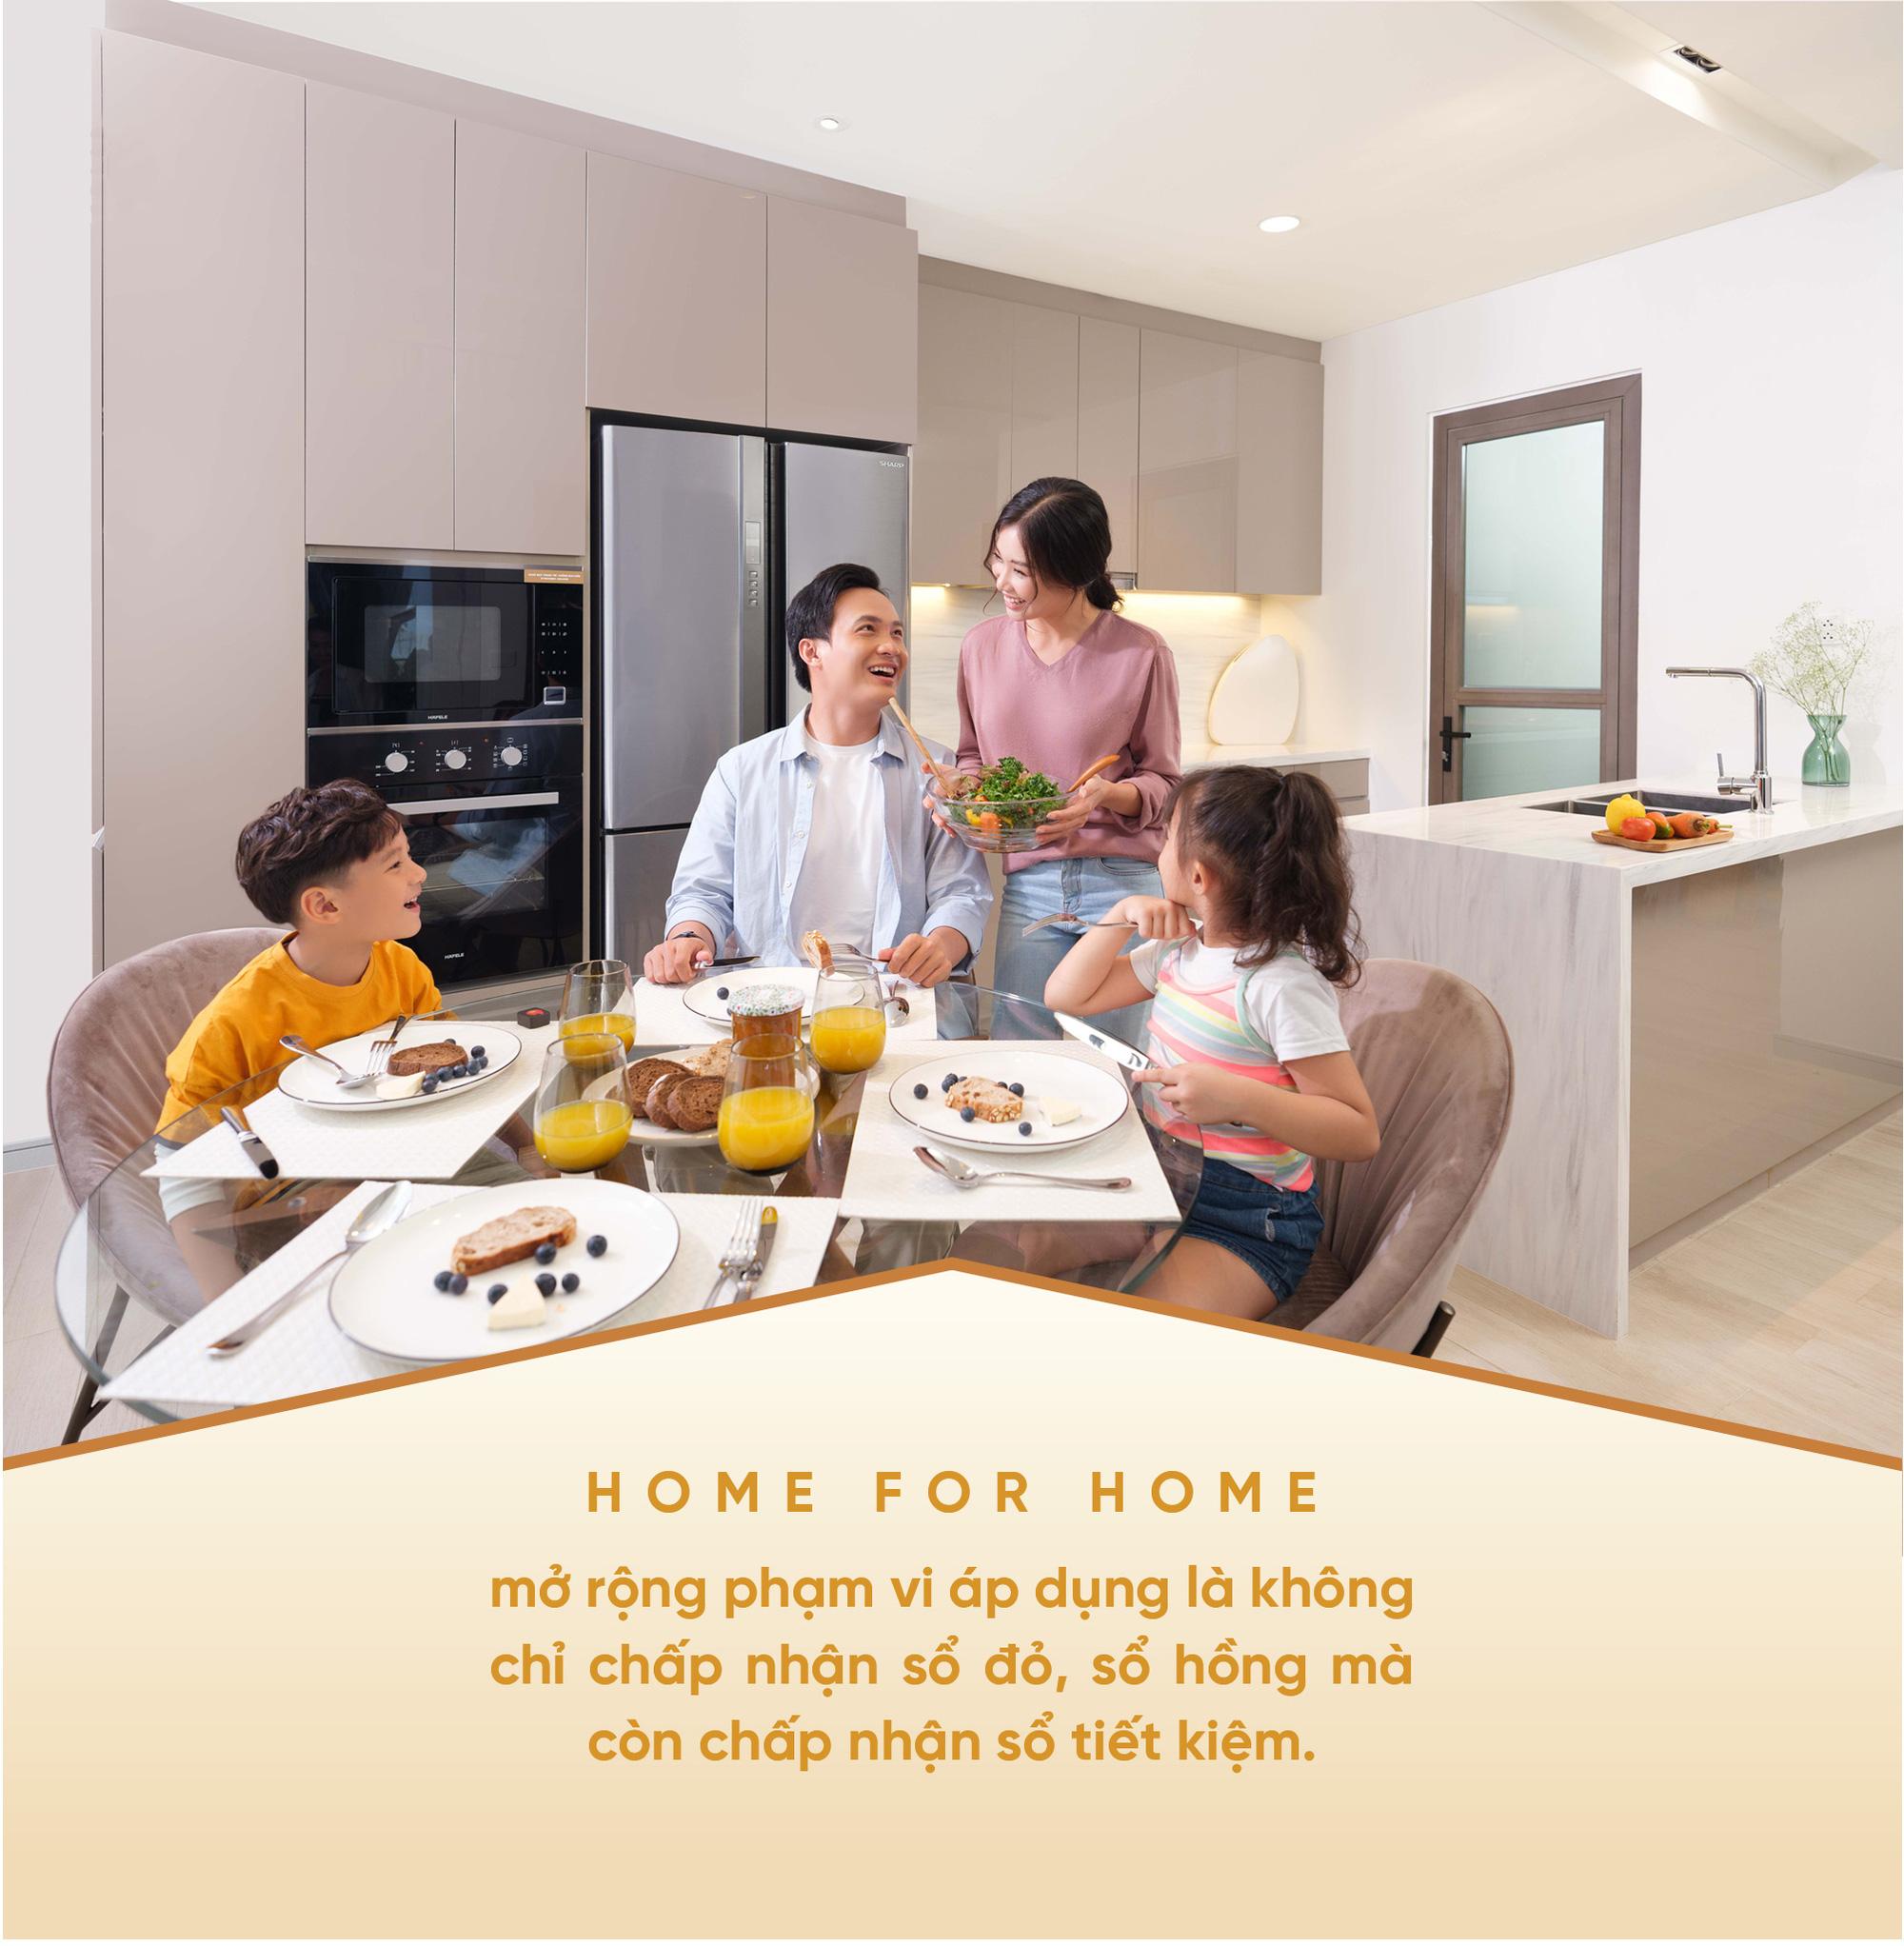 """Hỏi - đáp cùng chuyên gia về """"Home for Home"""": Đổi nhà không cần vốn liệu có khả thi? - Ảnh 7."""